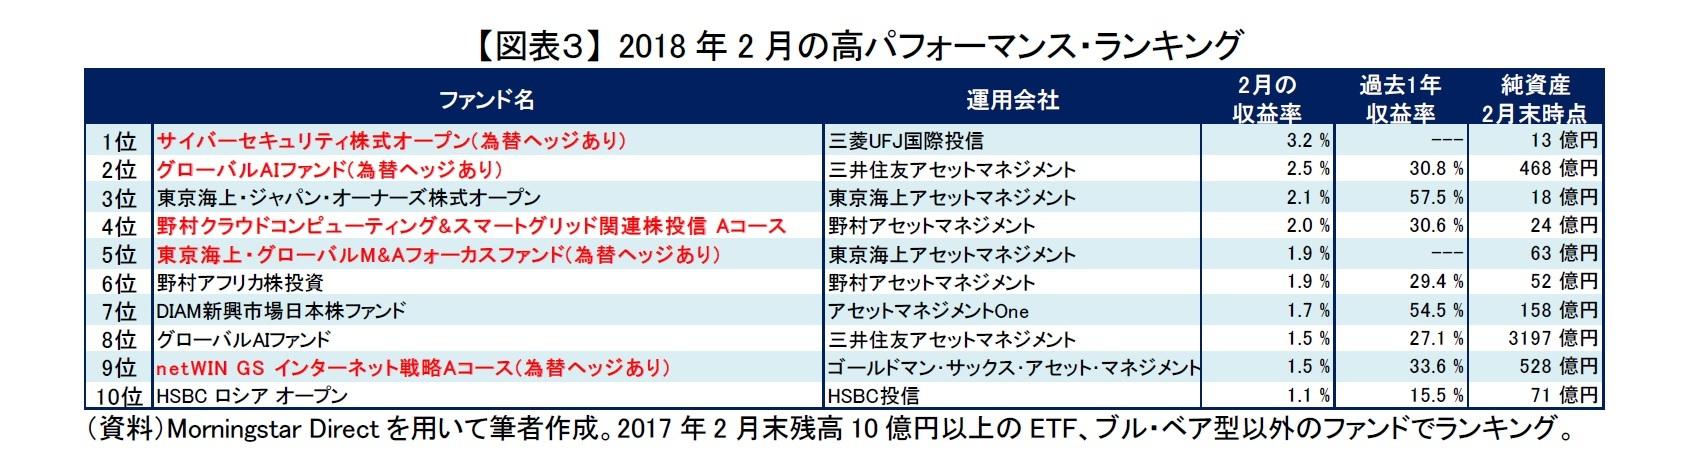 【図表3】 2018年2月の高パフォーマンス・ランキング